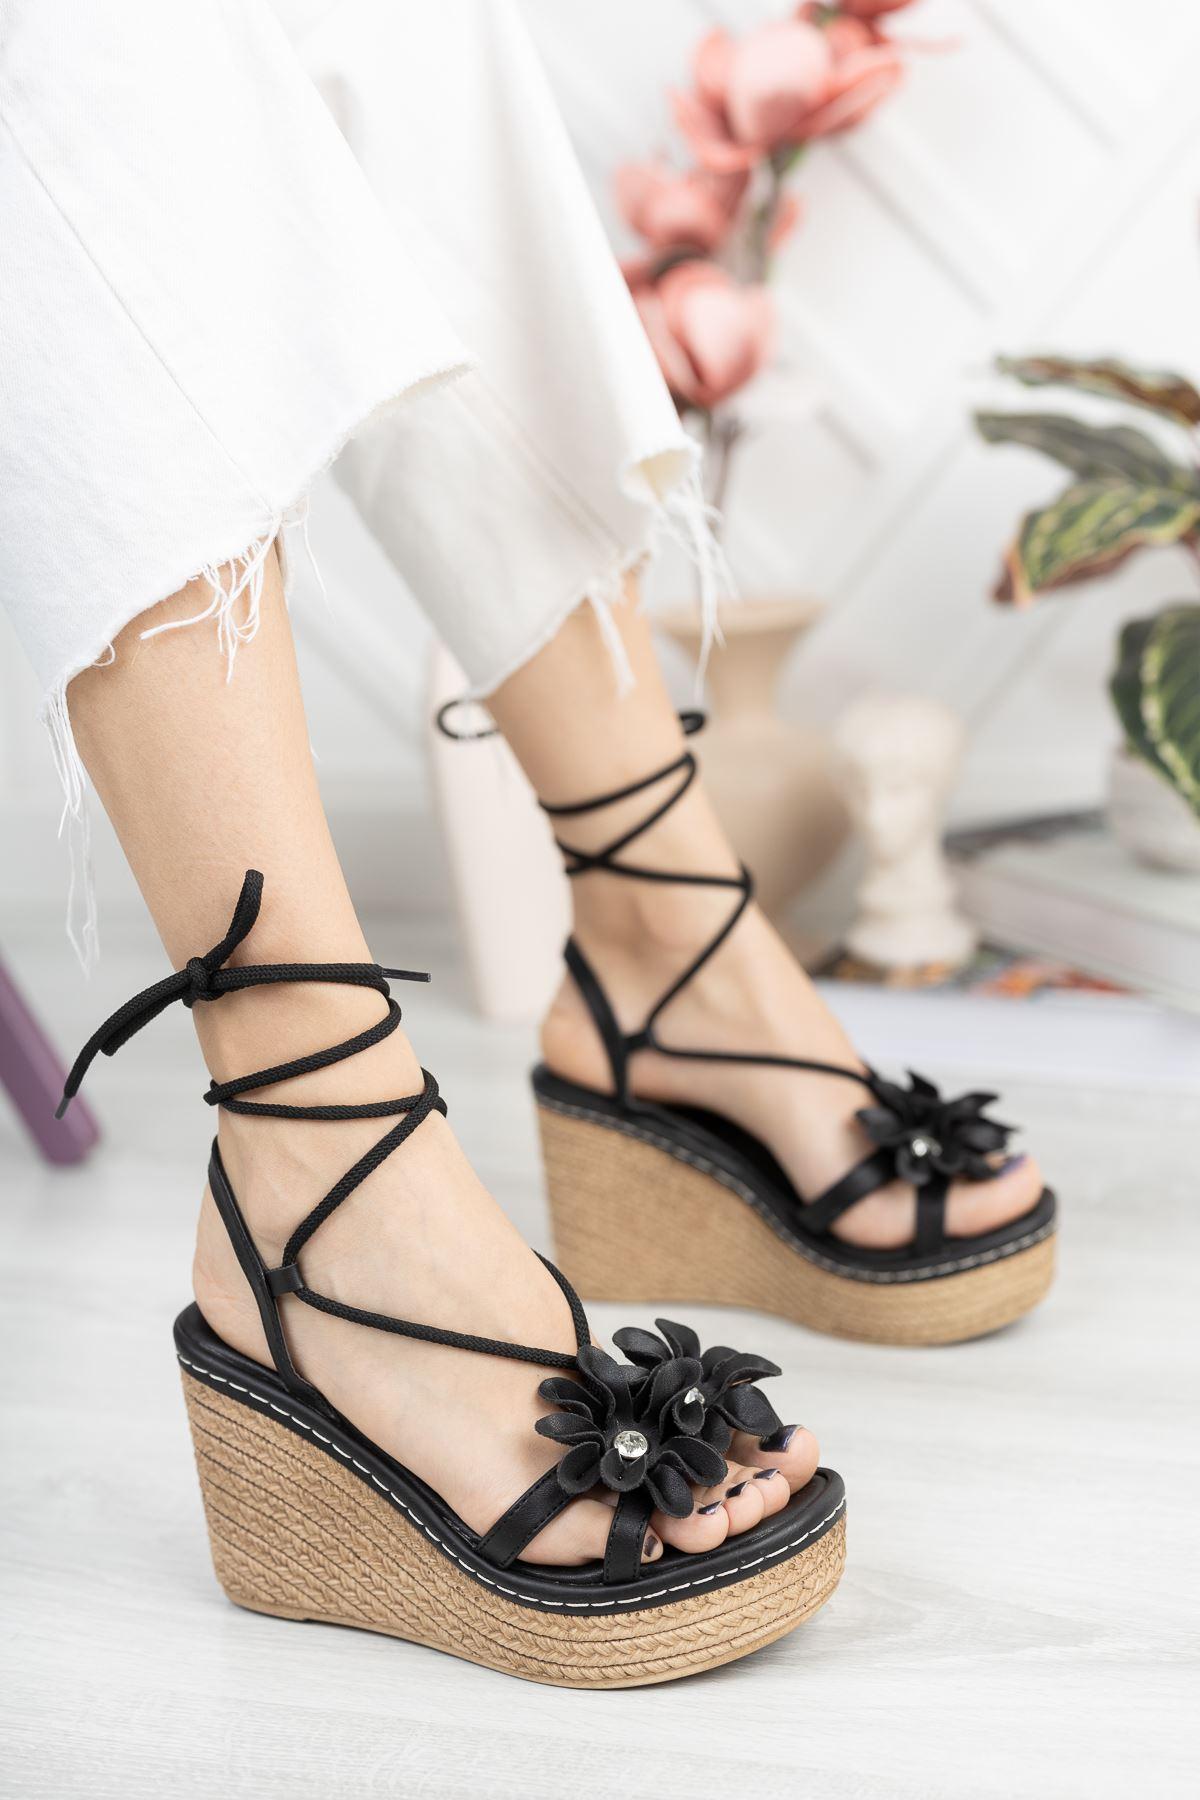 Siyah Çiçek Detaylı Bilek Bağlama Dolgu Topuklu Sandalet